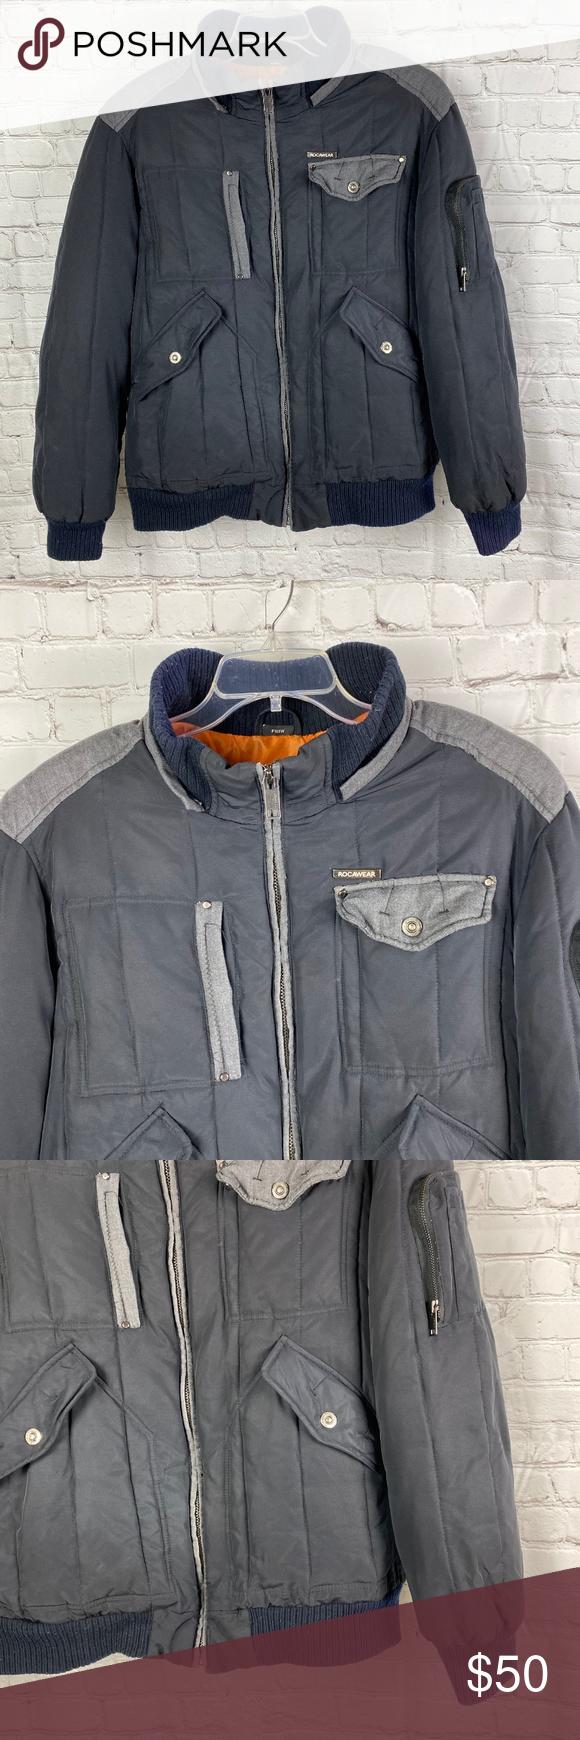 Rocawear Black Gray Bubble Winter Jacket Winter Jackets Warm Winter Jackets Jackets [ 1740 x 580 Pixel ]